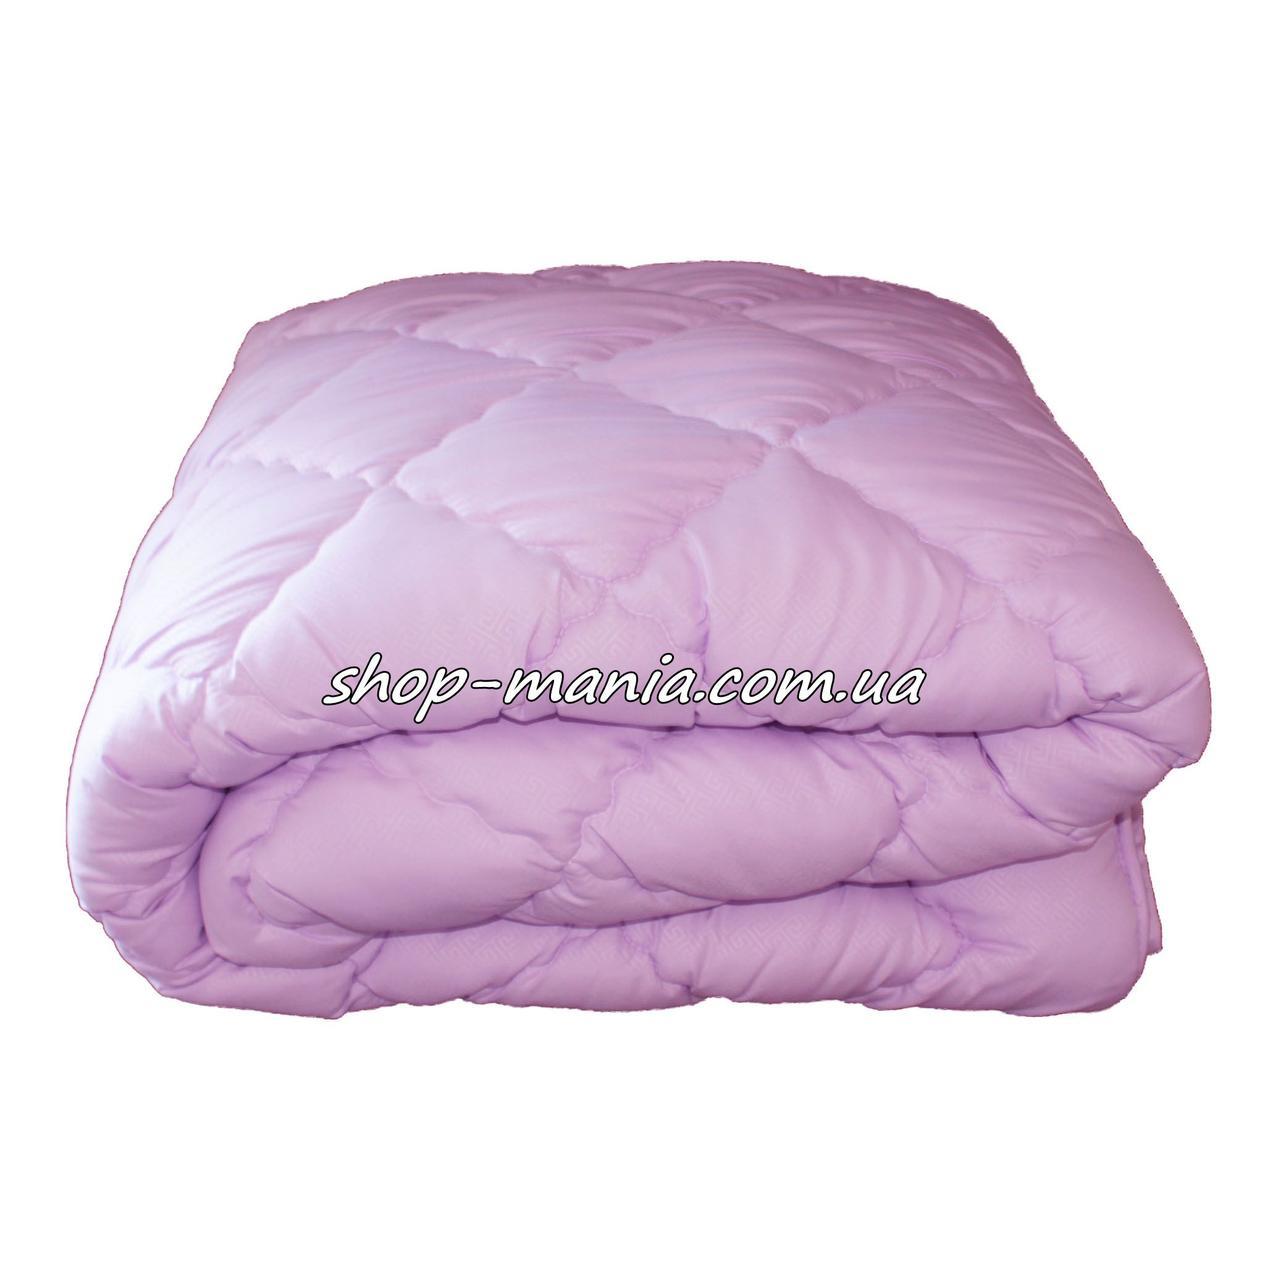 Одеяло двуспальное стёганное ОДА 4 сезона 2в1 летнее + демисезонное 175х210 SM 8107-2 ODA 4 season violet